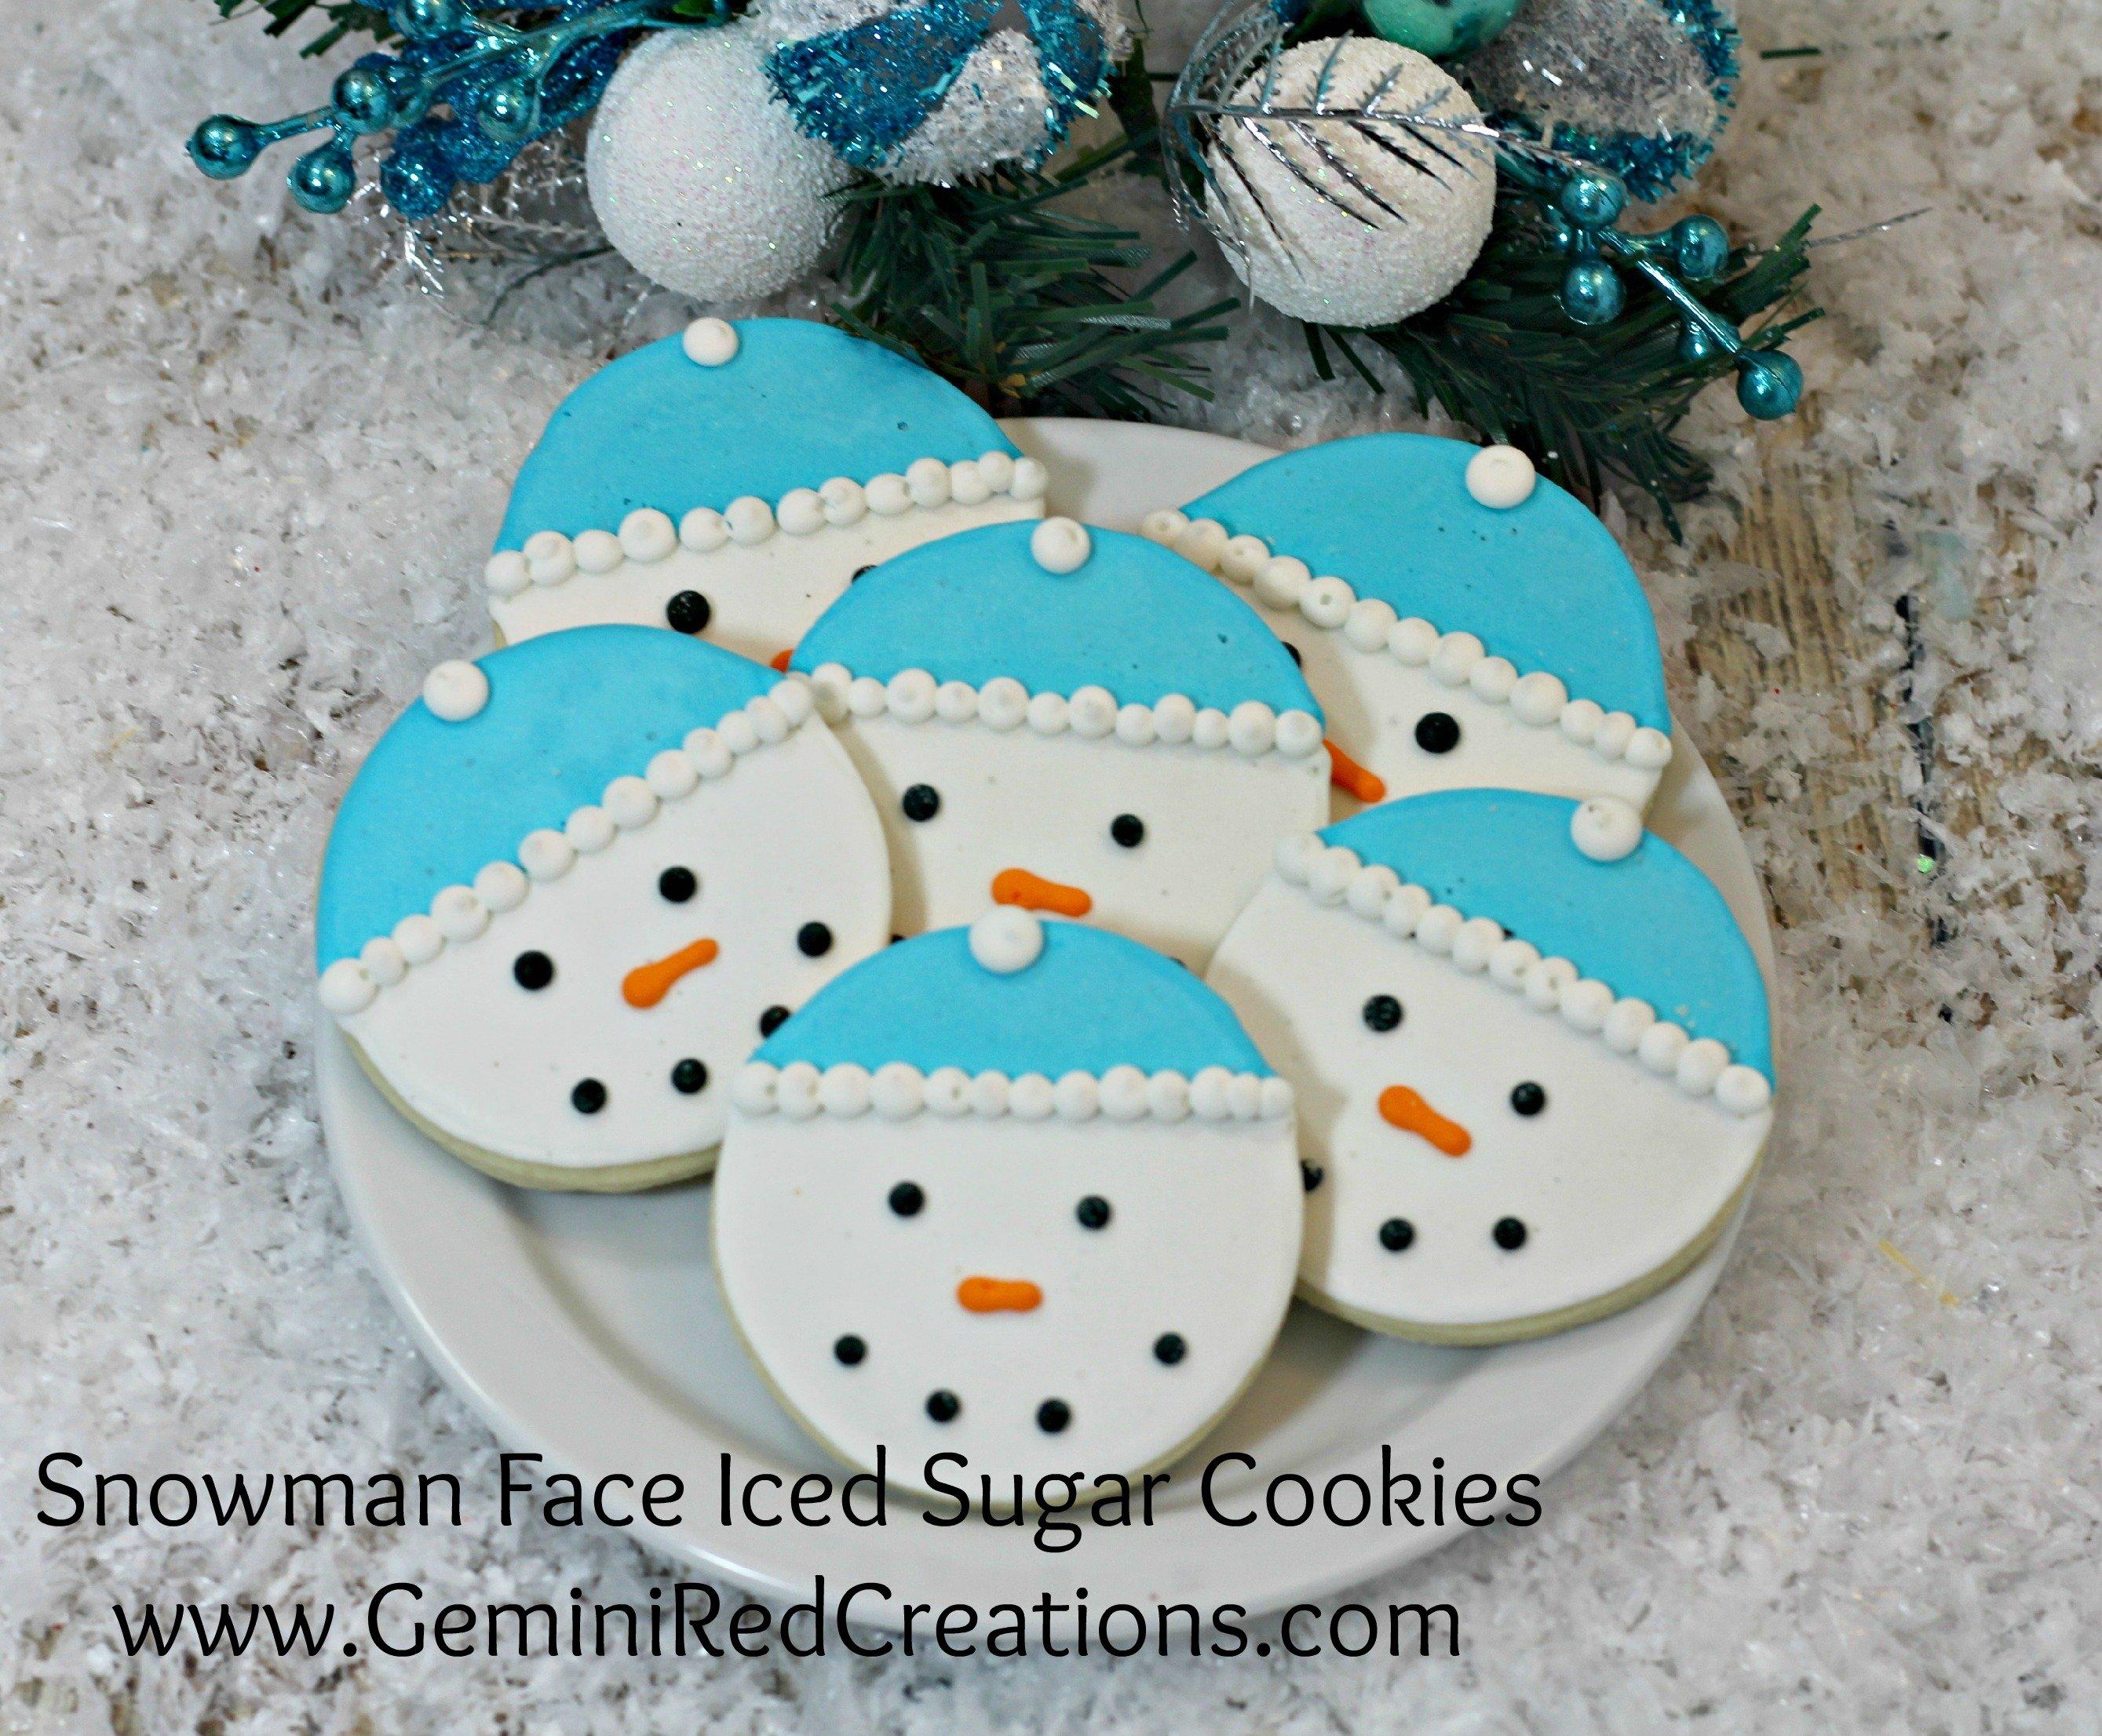 Snowman face ornament - Snowman Face Iced Sugar Cookies 1